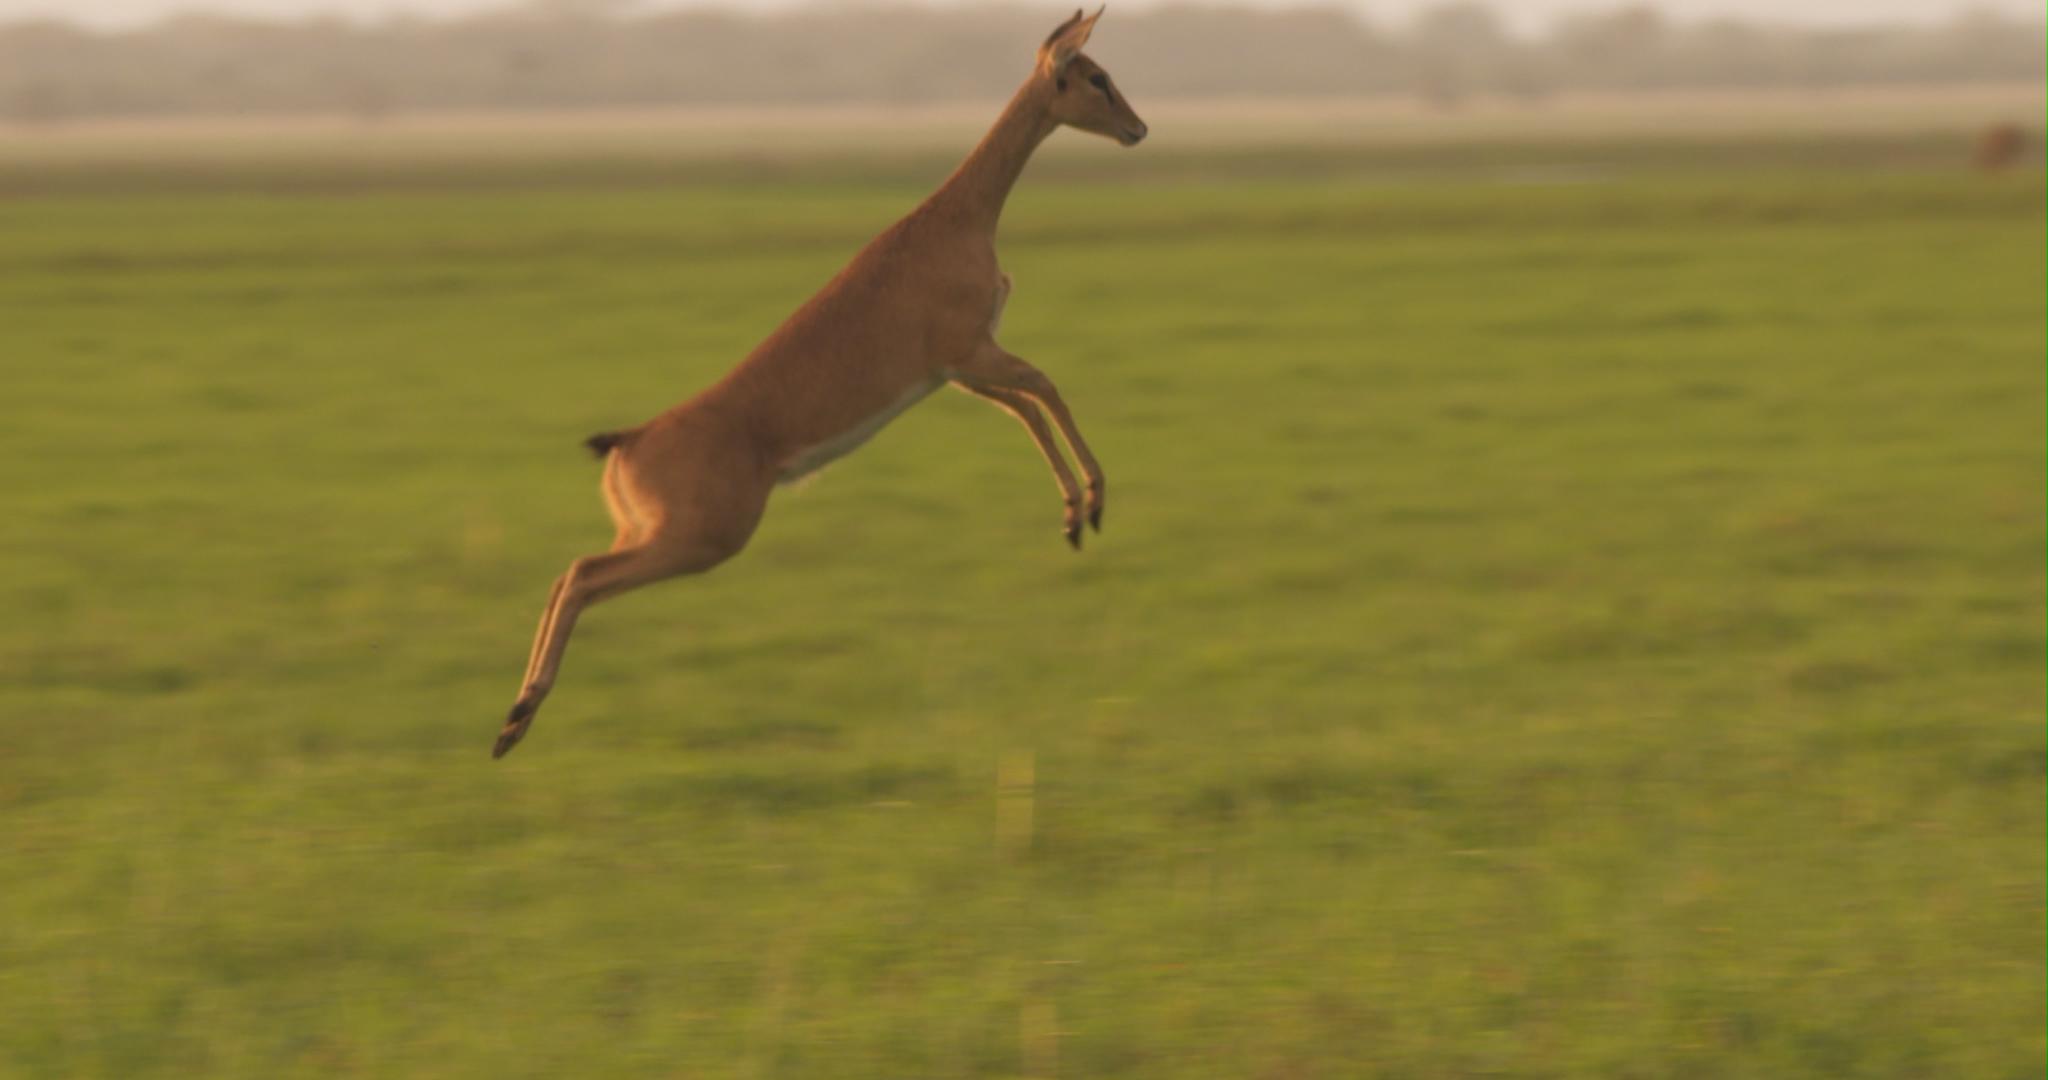 jumping orobi.jpg